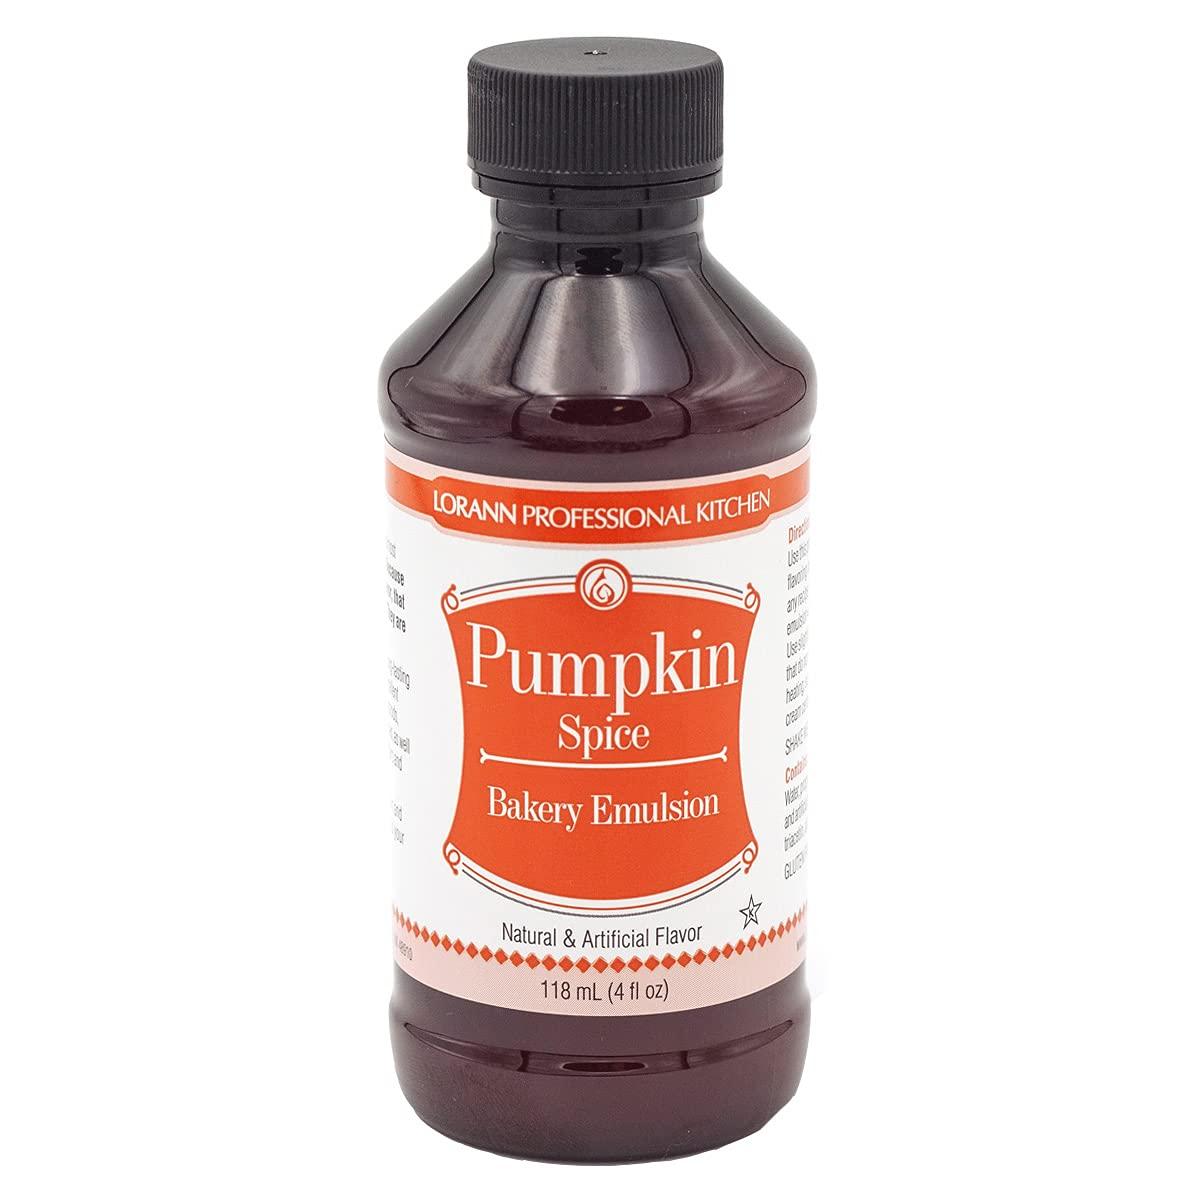 LorAnn Pumpkin Spice Bakery Emulsion, 4 ounce bottle